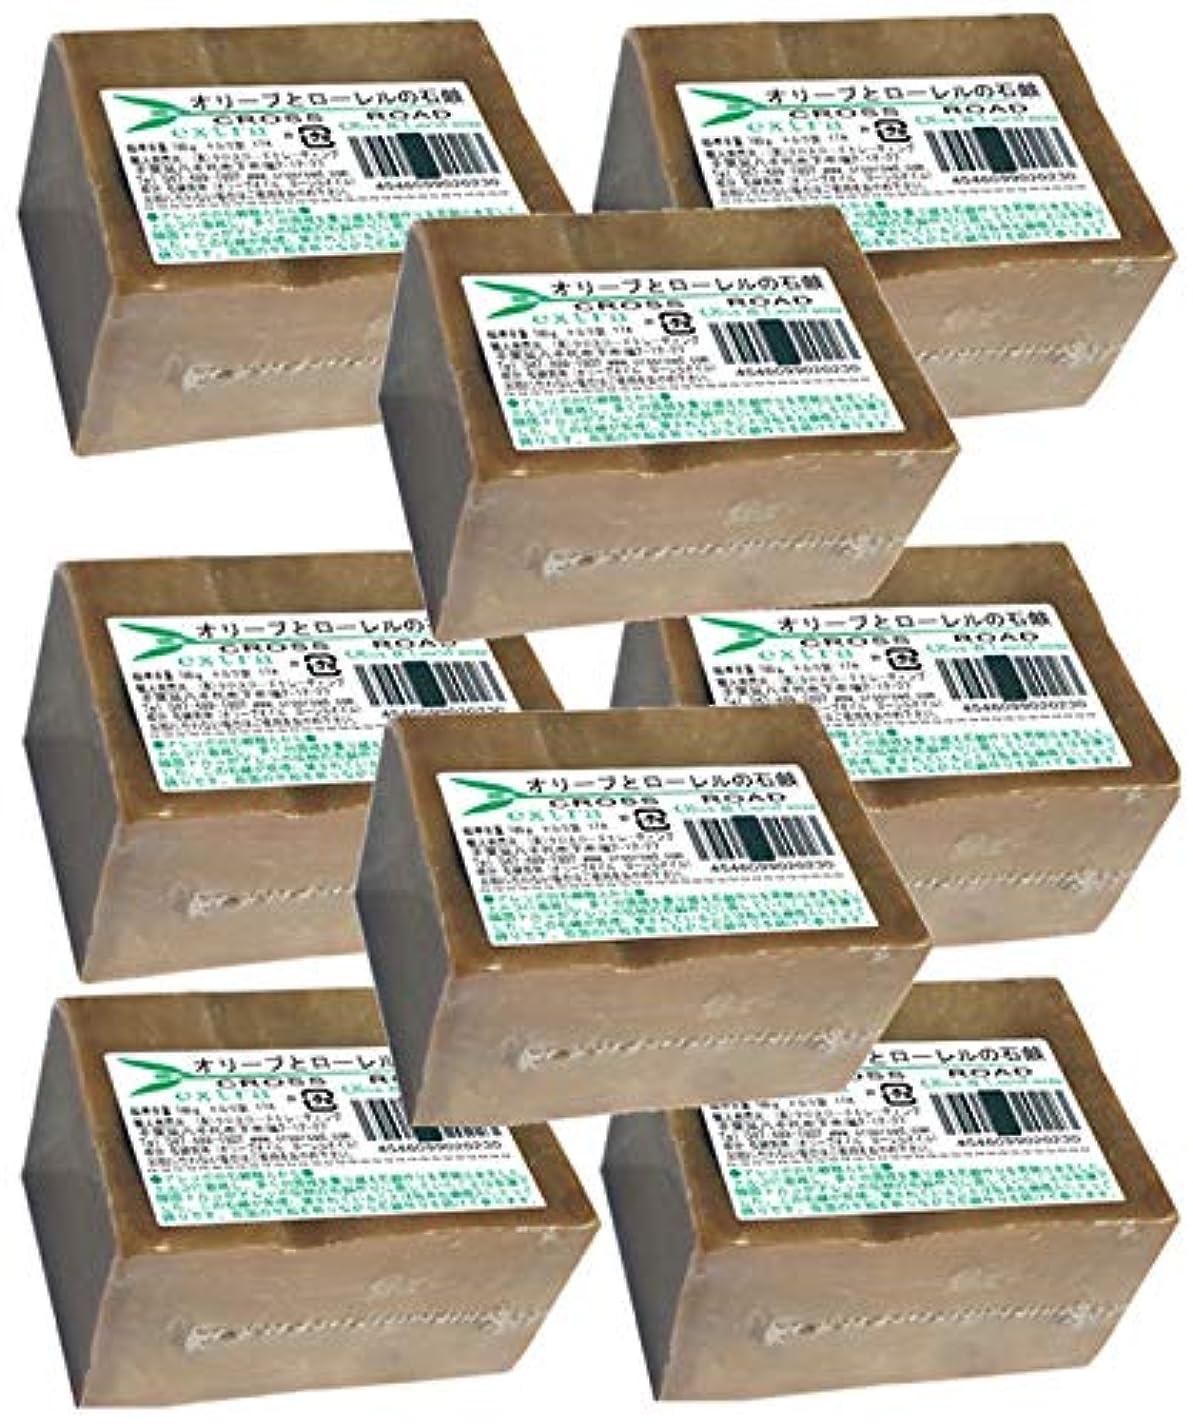 プロット空港研究オリーブとローレルの石鹸(エキストラ)8個セット[並行輸入品]